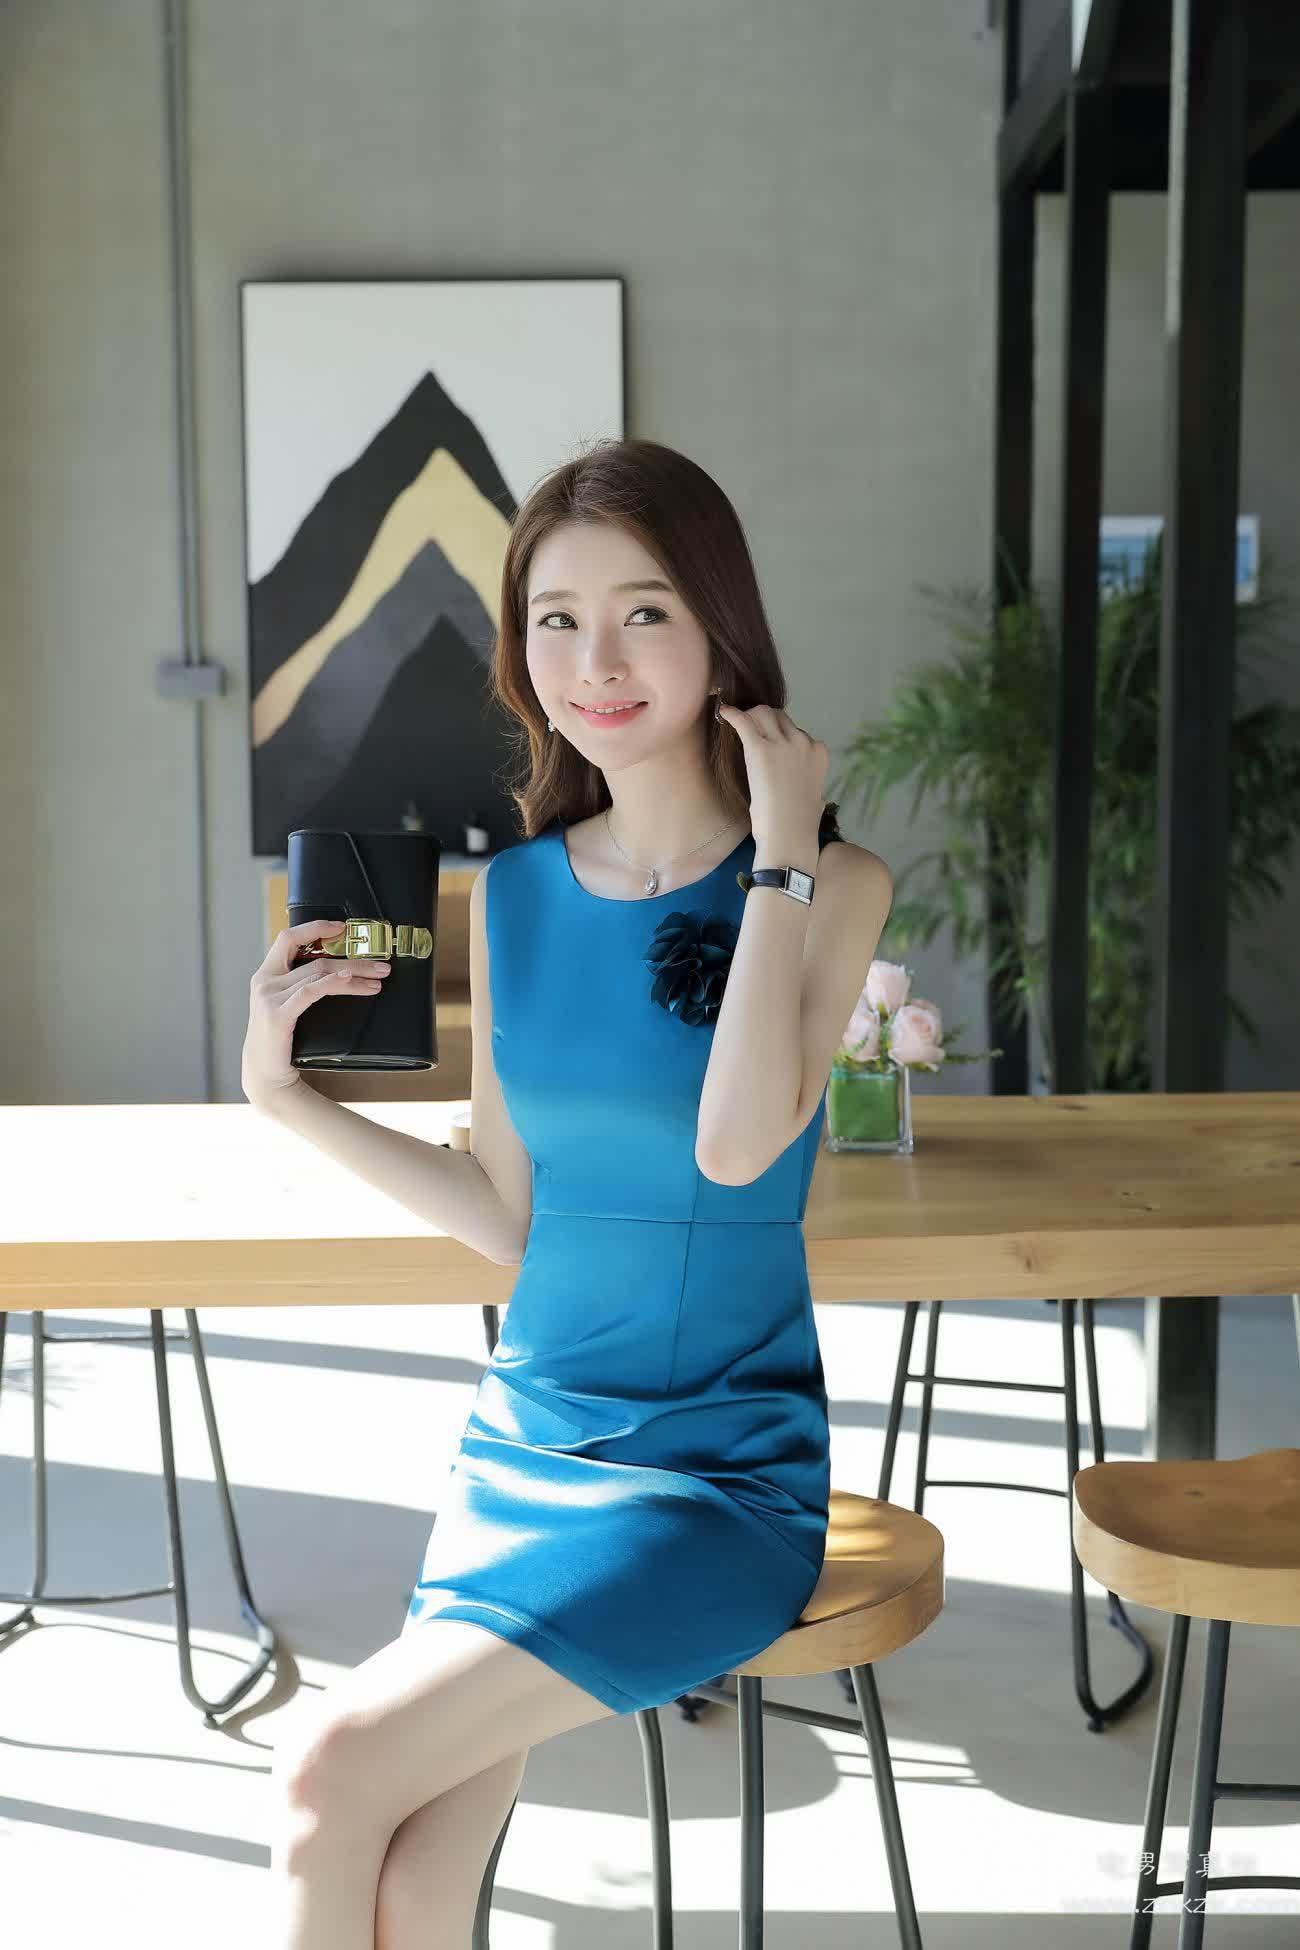 [原创摄影]淘宝时装模特写真可爱连衣裙粉嫩